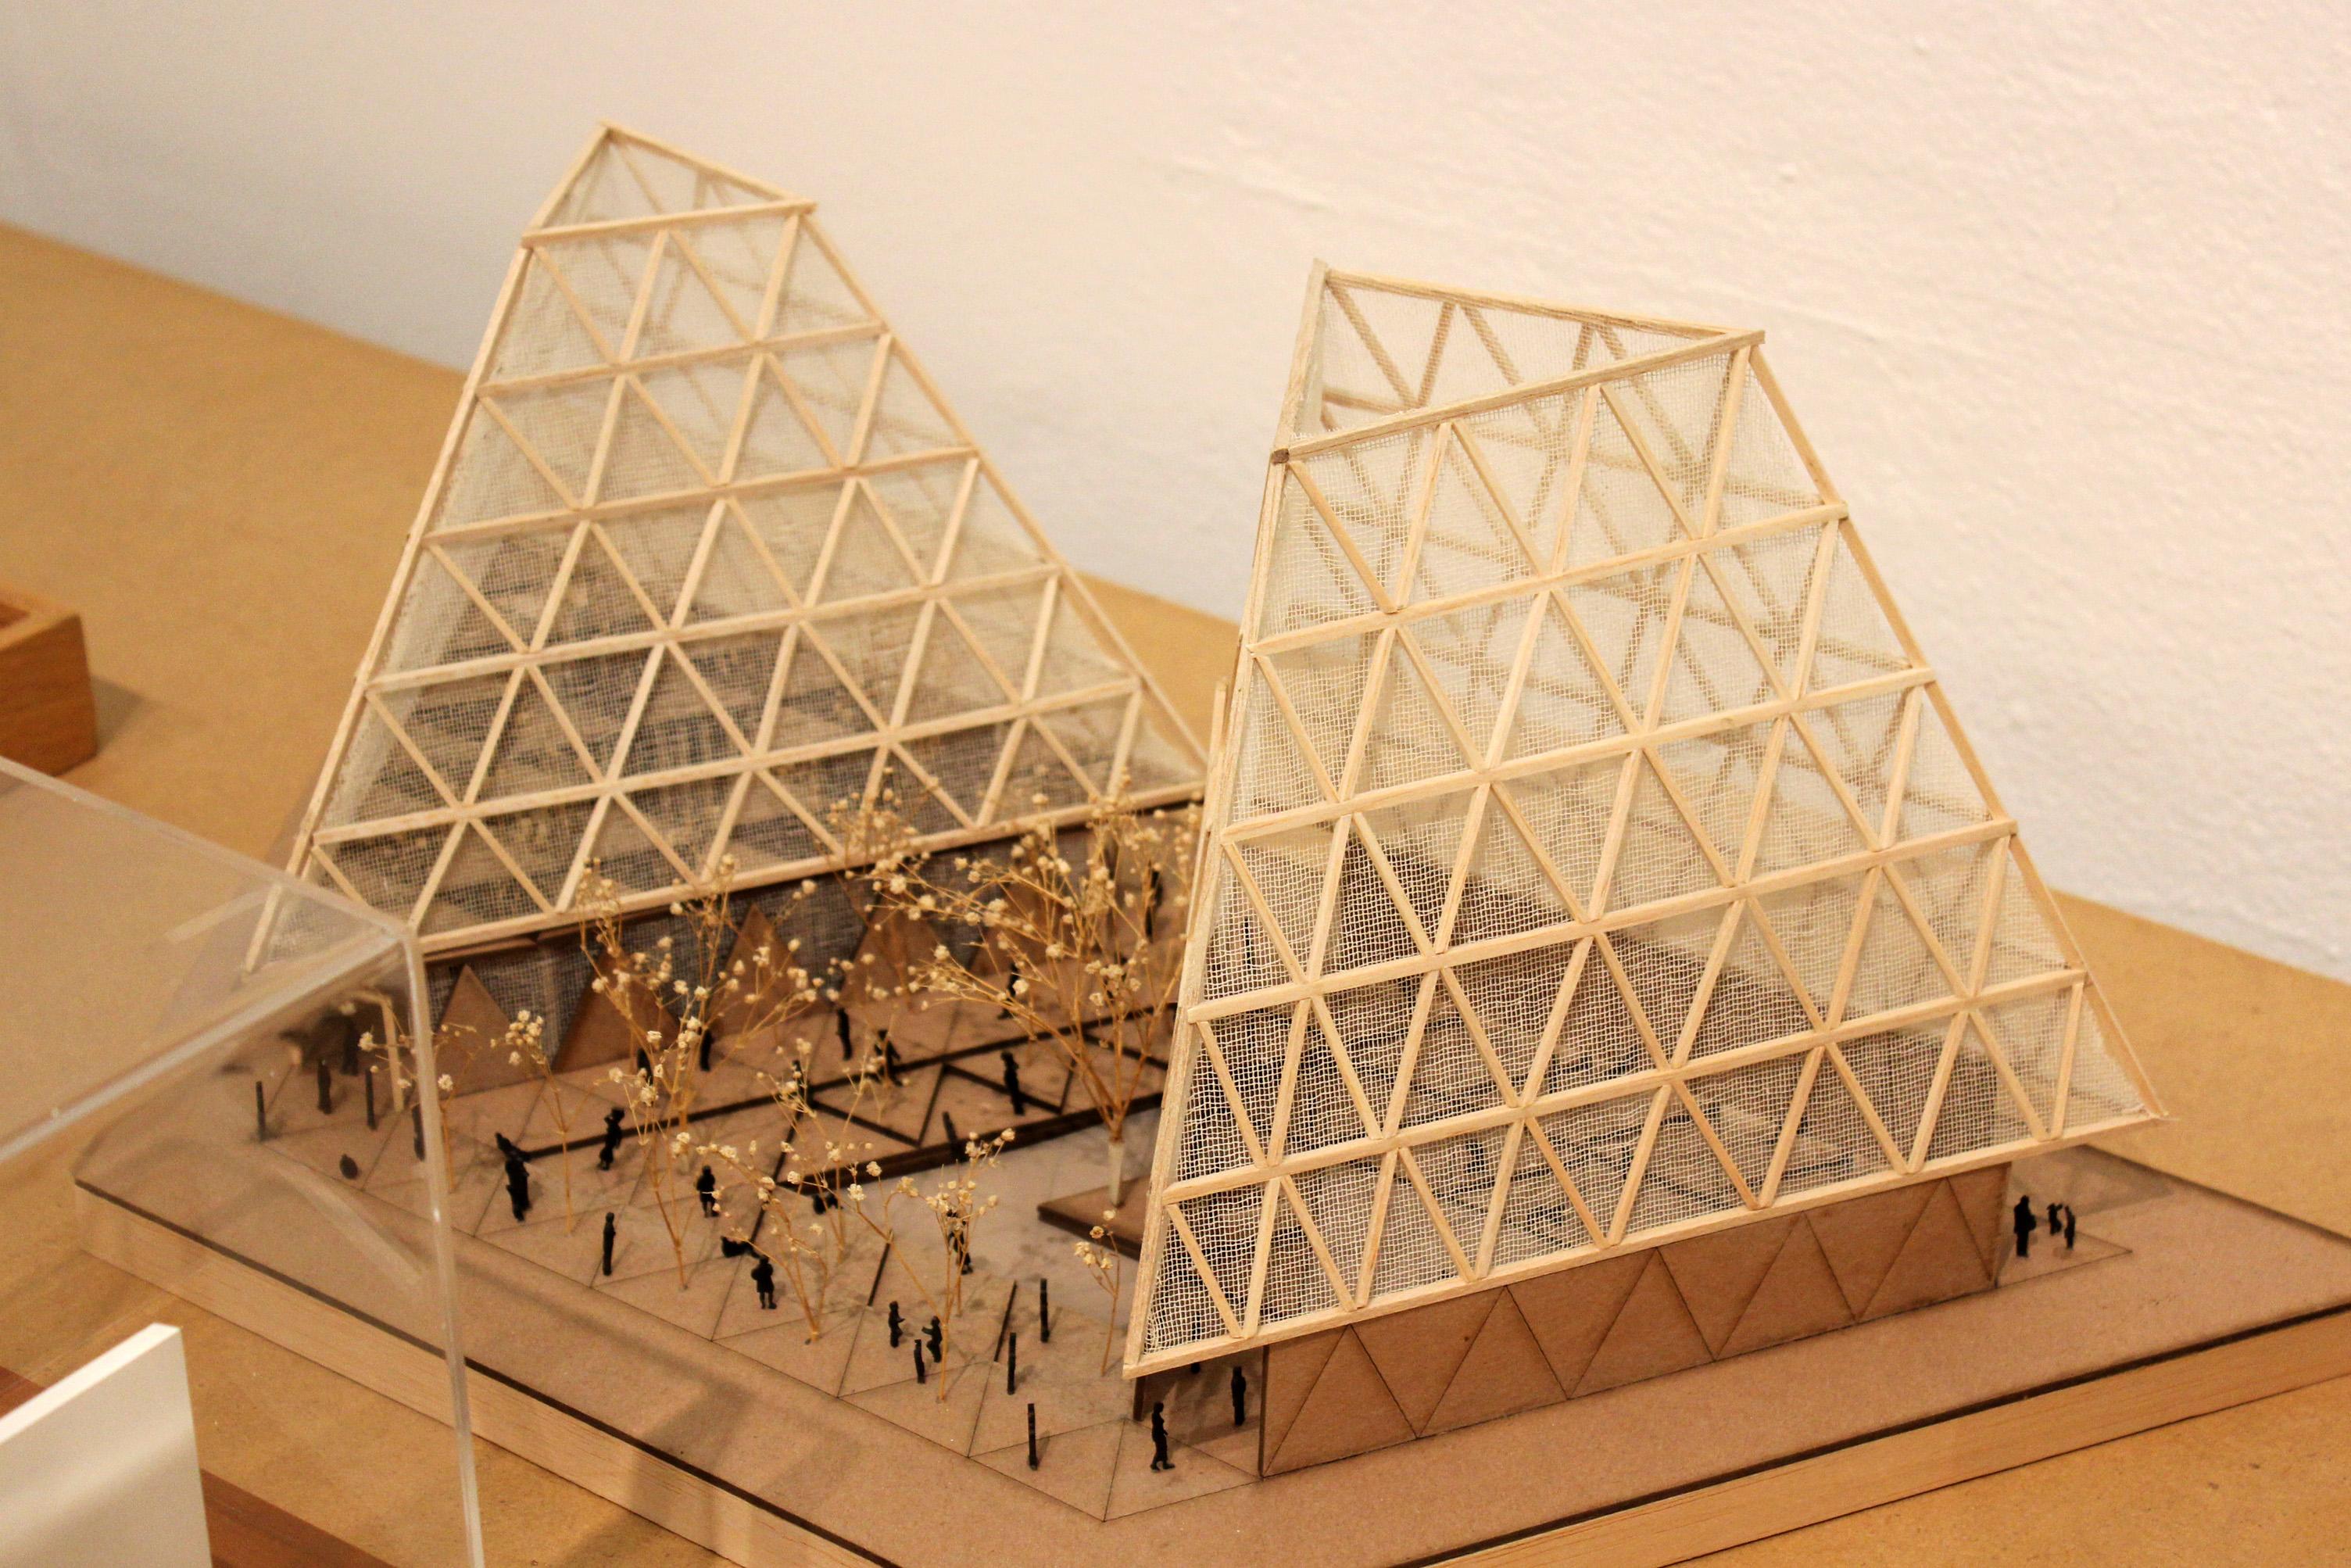 Celebran 50 años de egresados en Arquitectura del ITESO con la exposición Después del Jardín